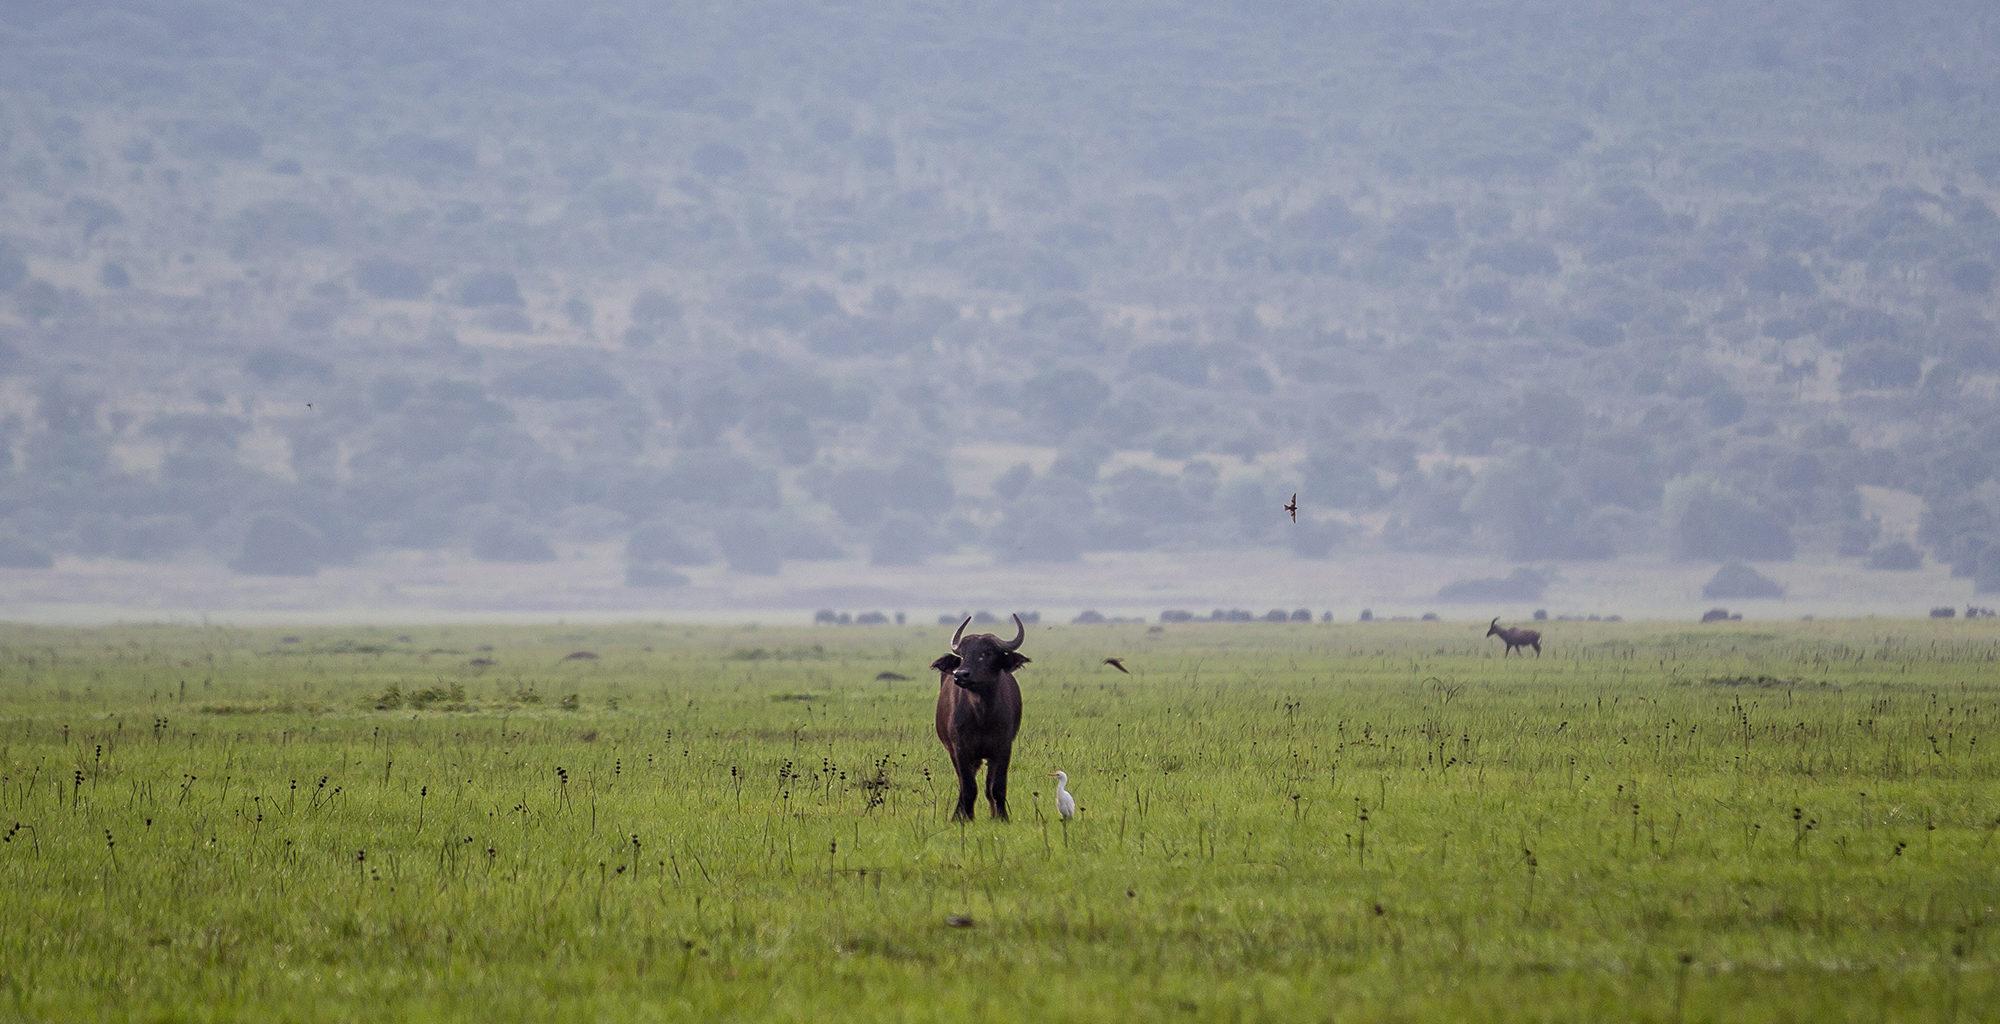 Rwanda-Akagera-National-Park-Wildlife